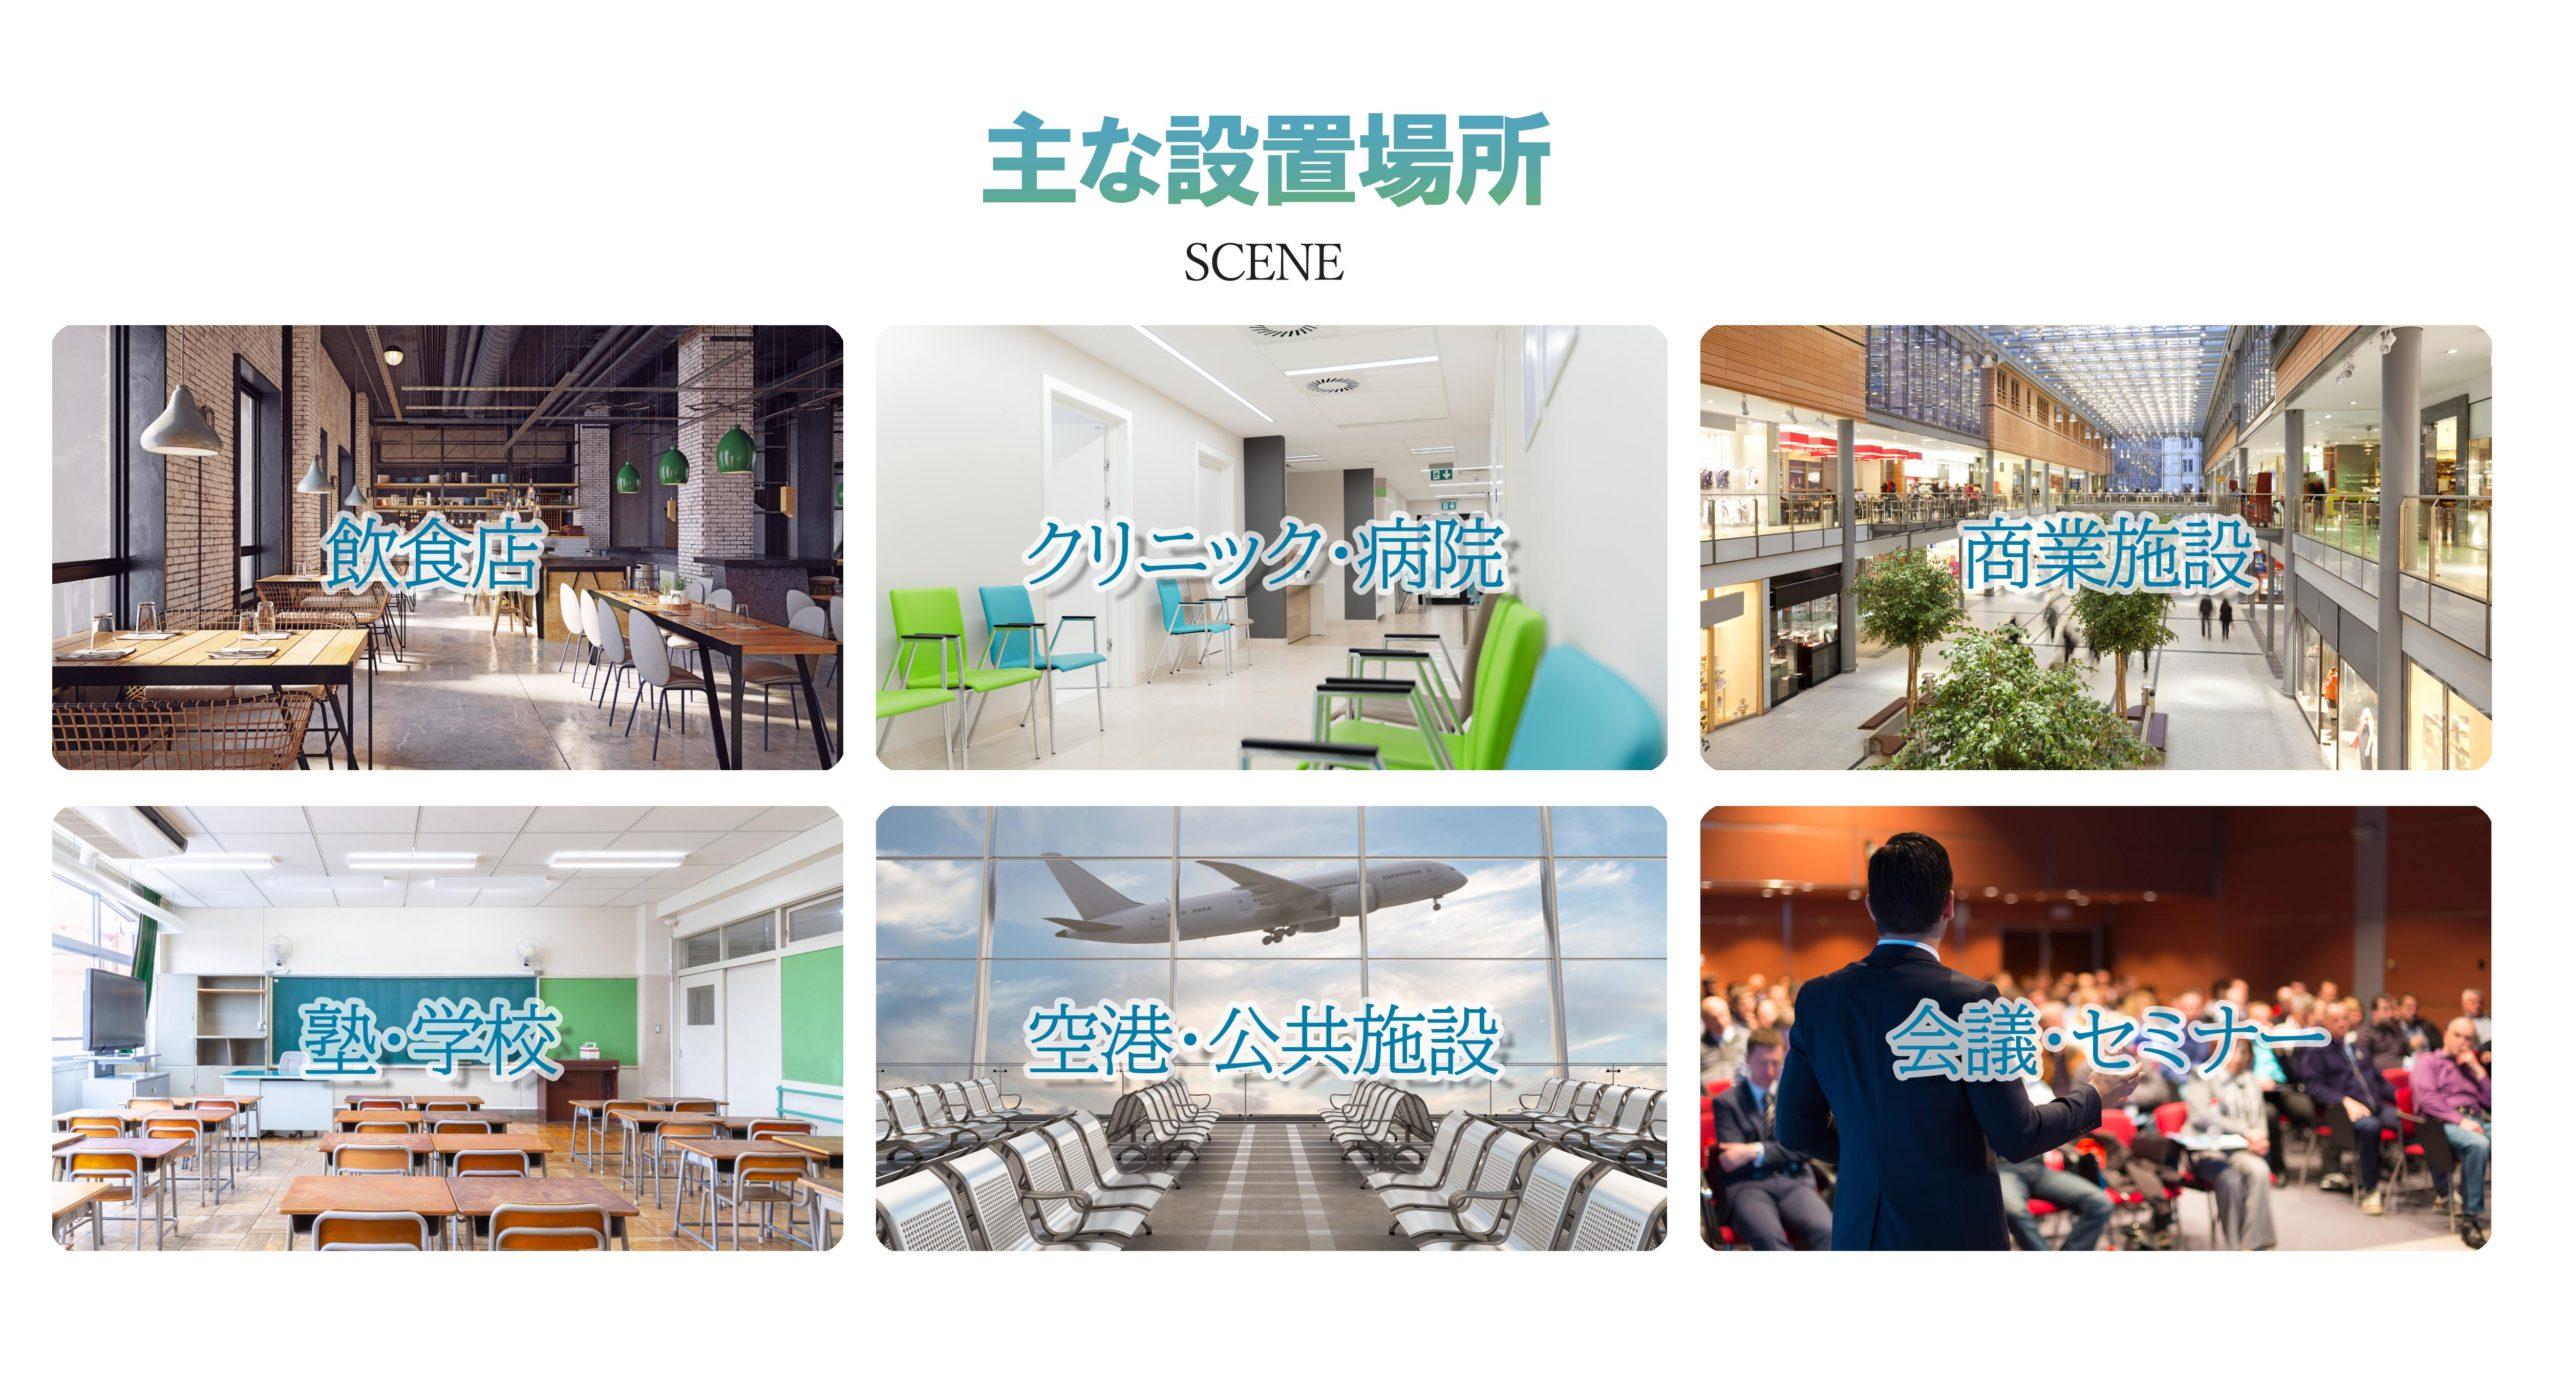 飲食店・クリニック・病院・商業施設・塾・学校・空港公共施設・会議室・セミナールームの感染対策として幅広い施設にご利用いただいています。